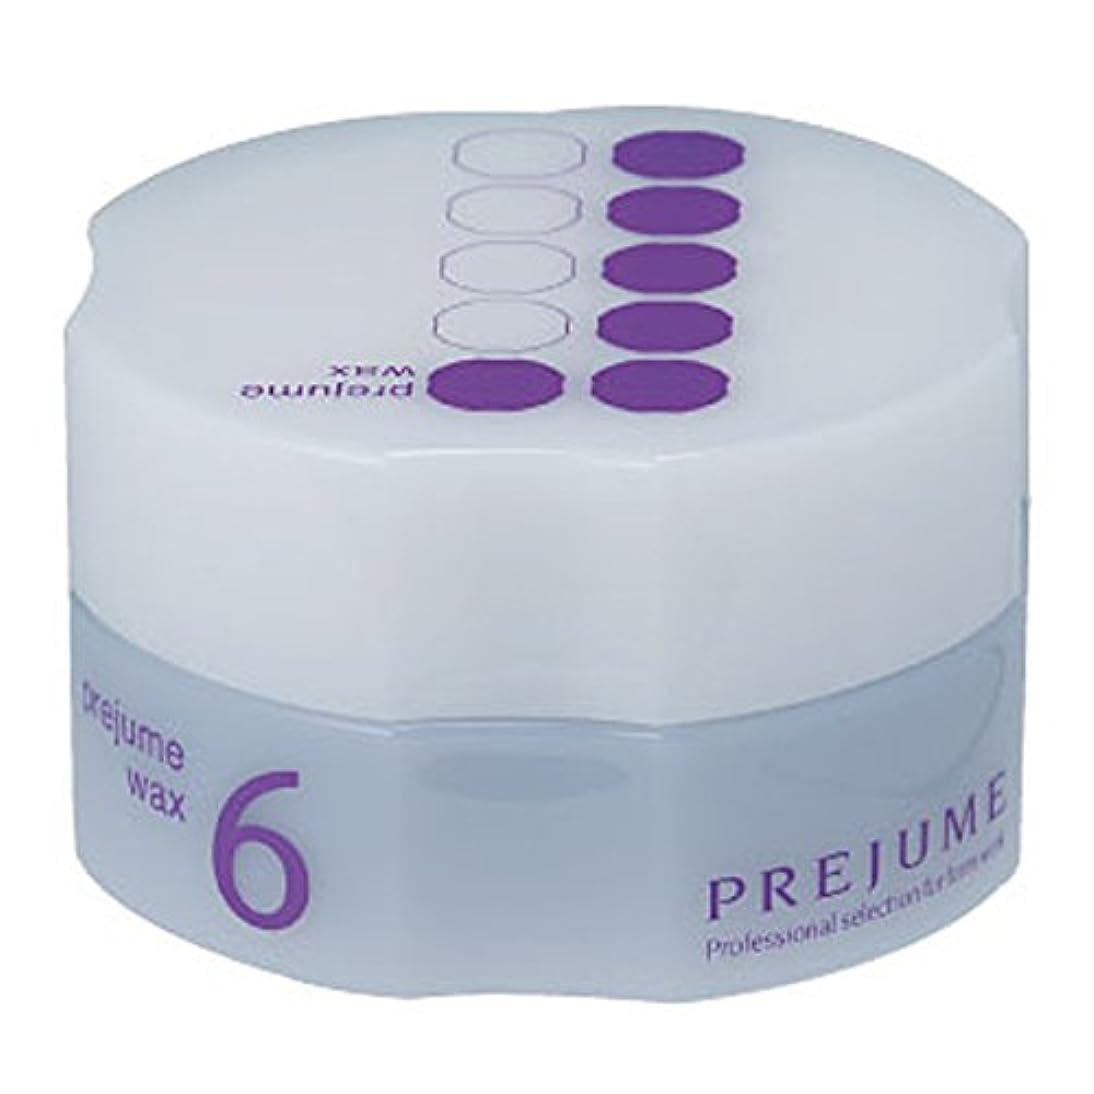 シンポジウム吸収する競うミルボン プレジュームワックス6 【箱なし アウトレット品?】